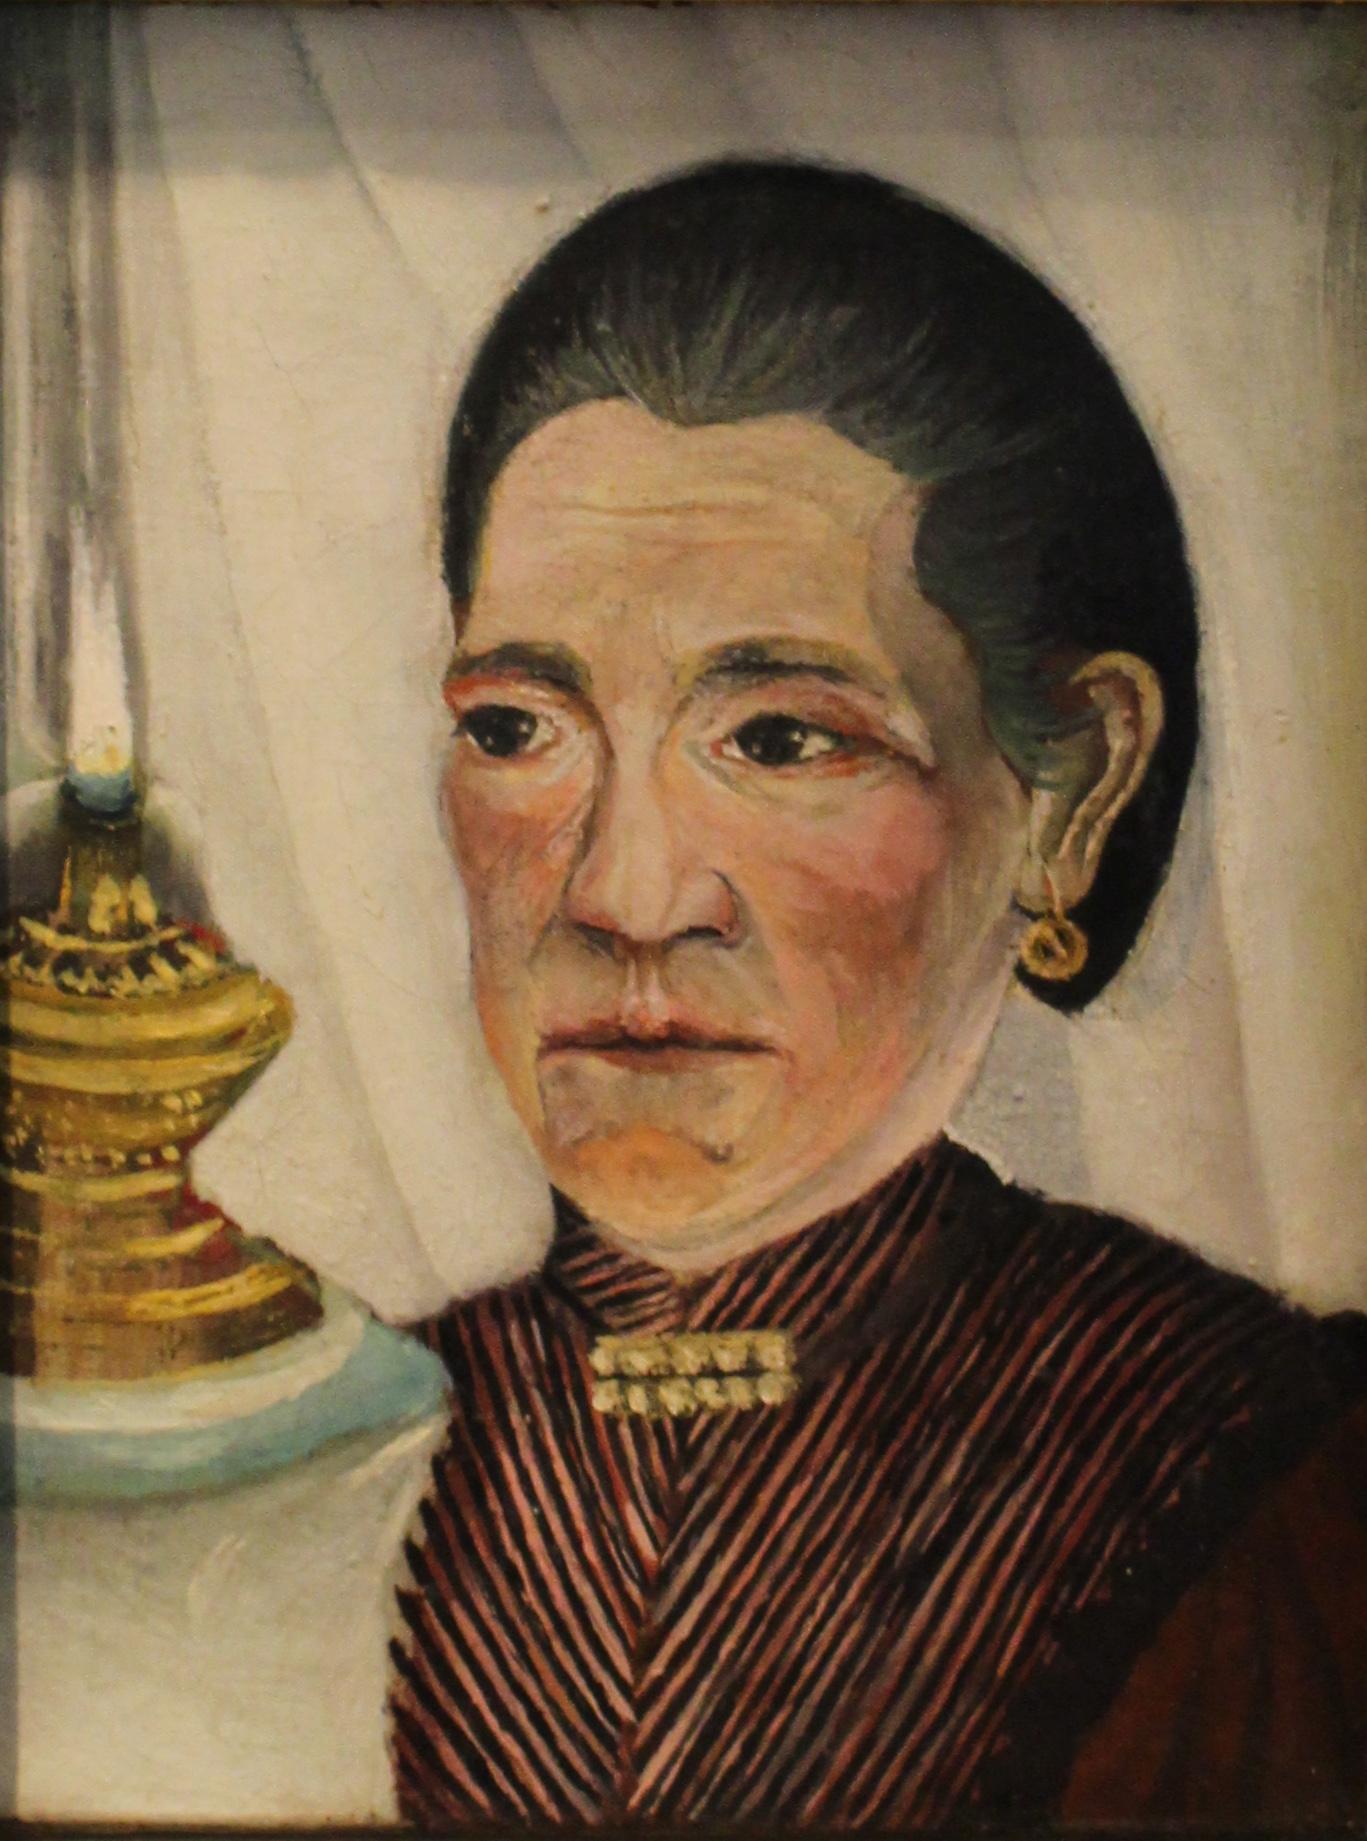 La Femme De L Artiste : femme, artiste, File:Portrait, Seconde, Femme, L'artiste, Henri, Rousseau, Musée, Picasso, Paris.jpg, Wikimedia, Commons